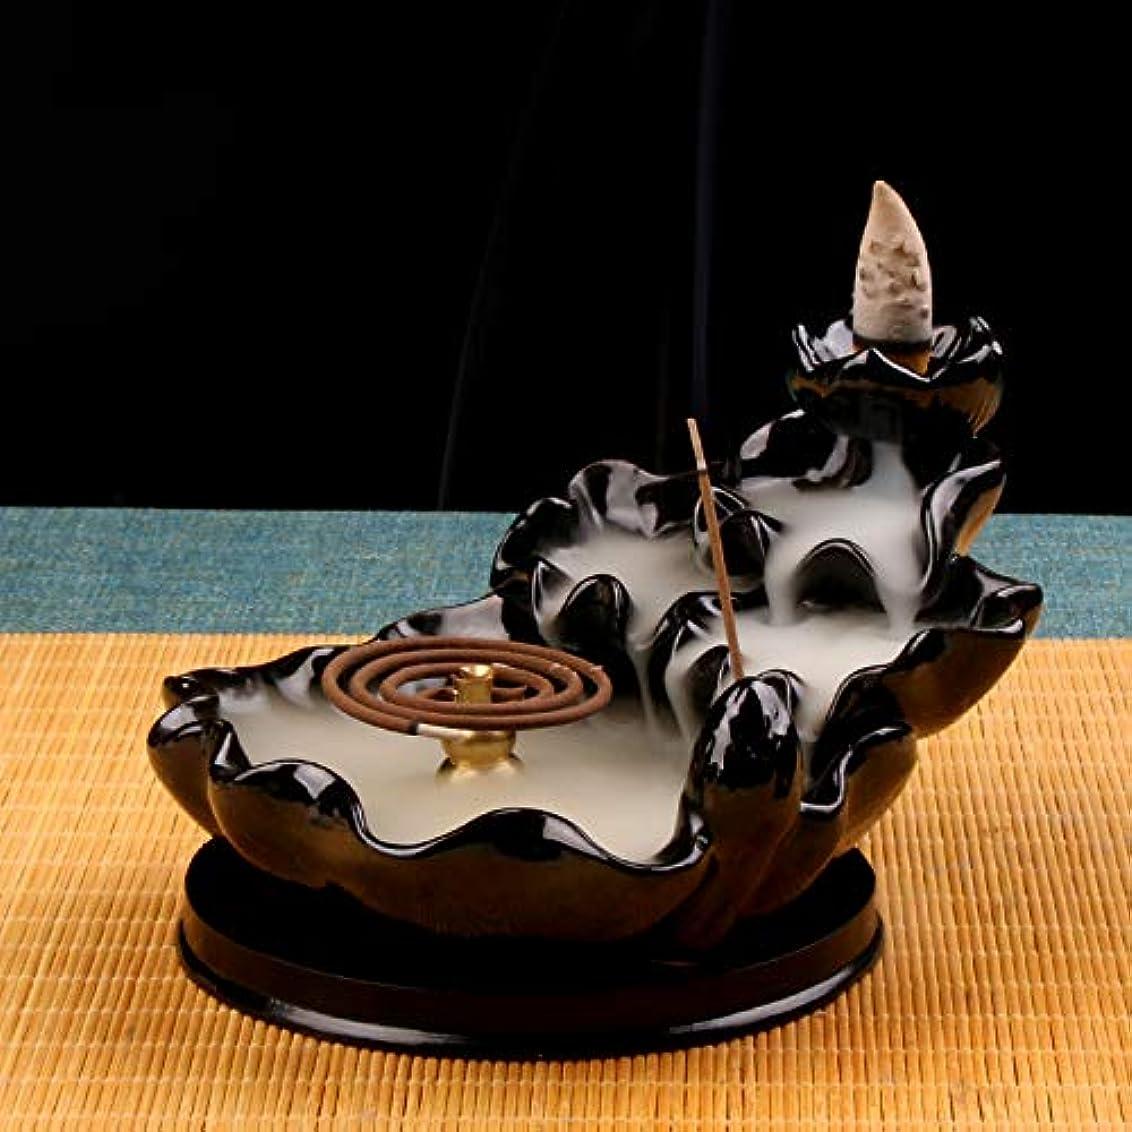 輸送クマノミ輸送(Style4) - Backflow Incense Burner Buddha monk and Moon Ceramic Censer for Home Decor Tea ceremony (Style4)